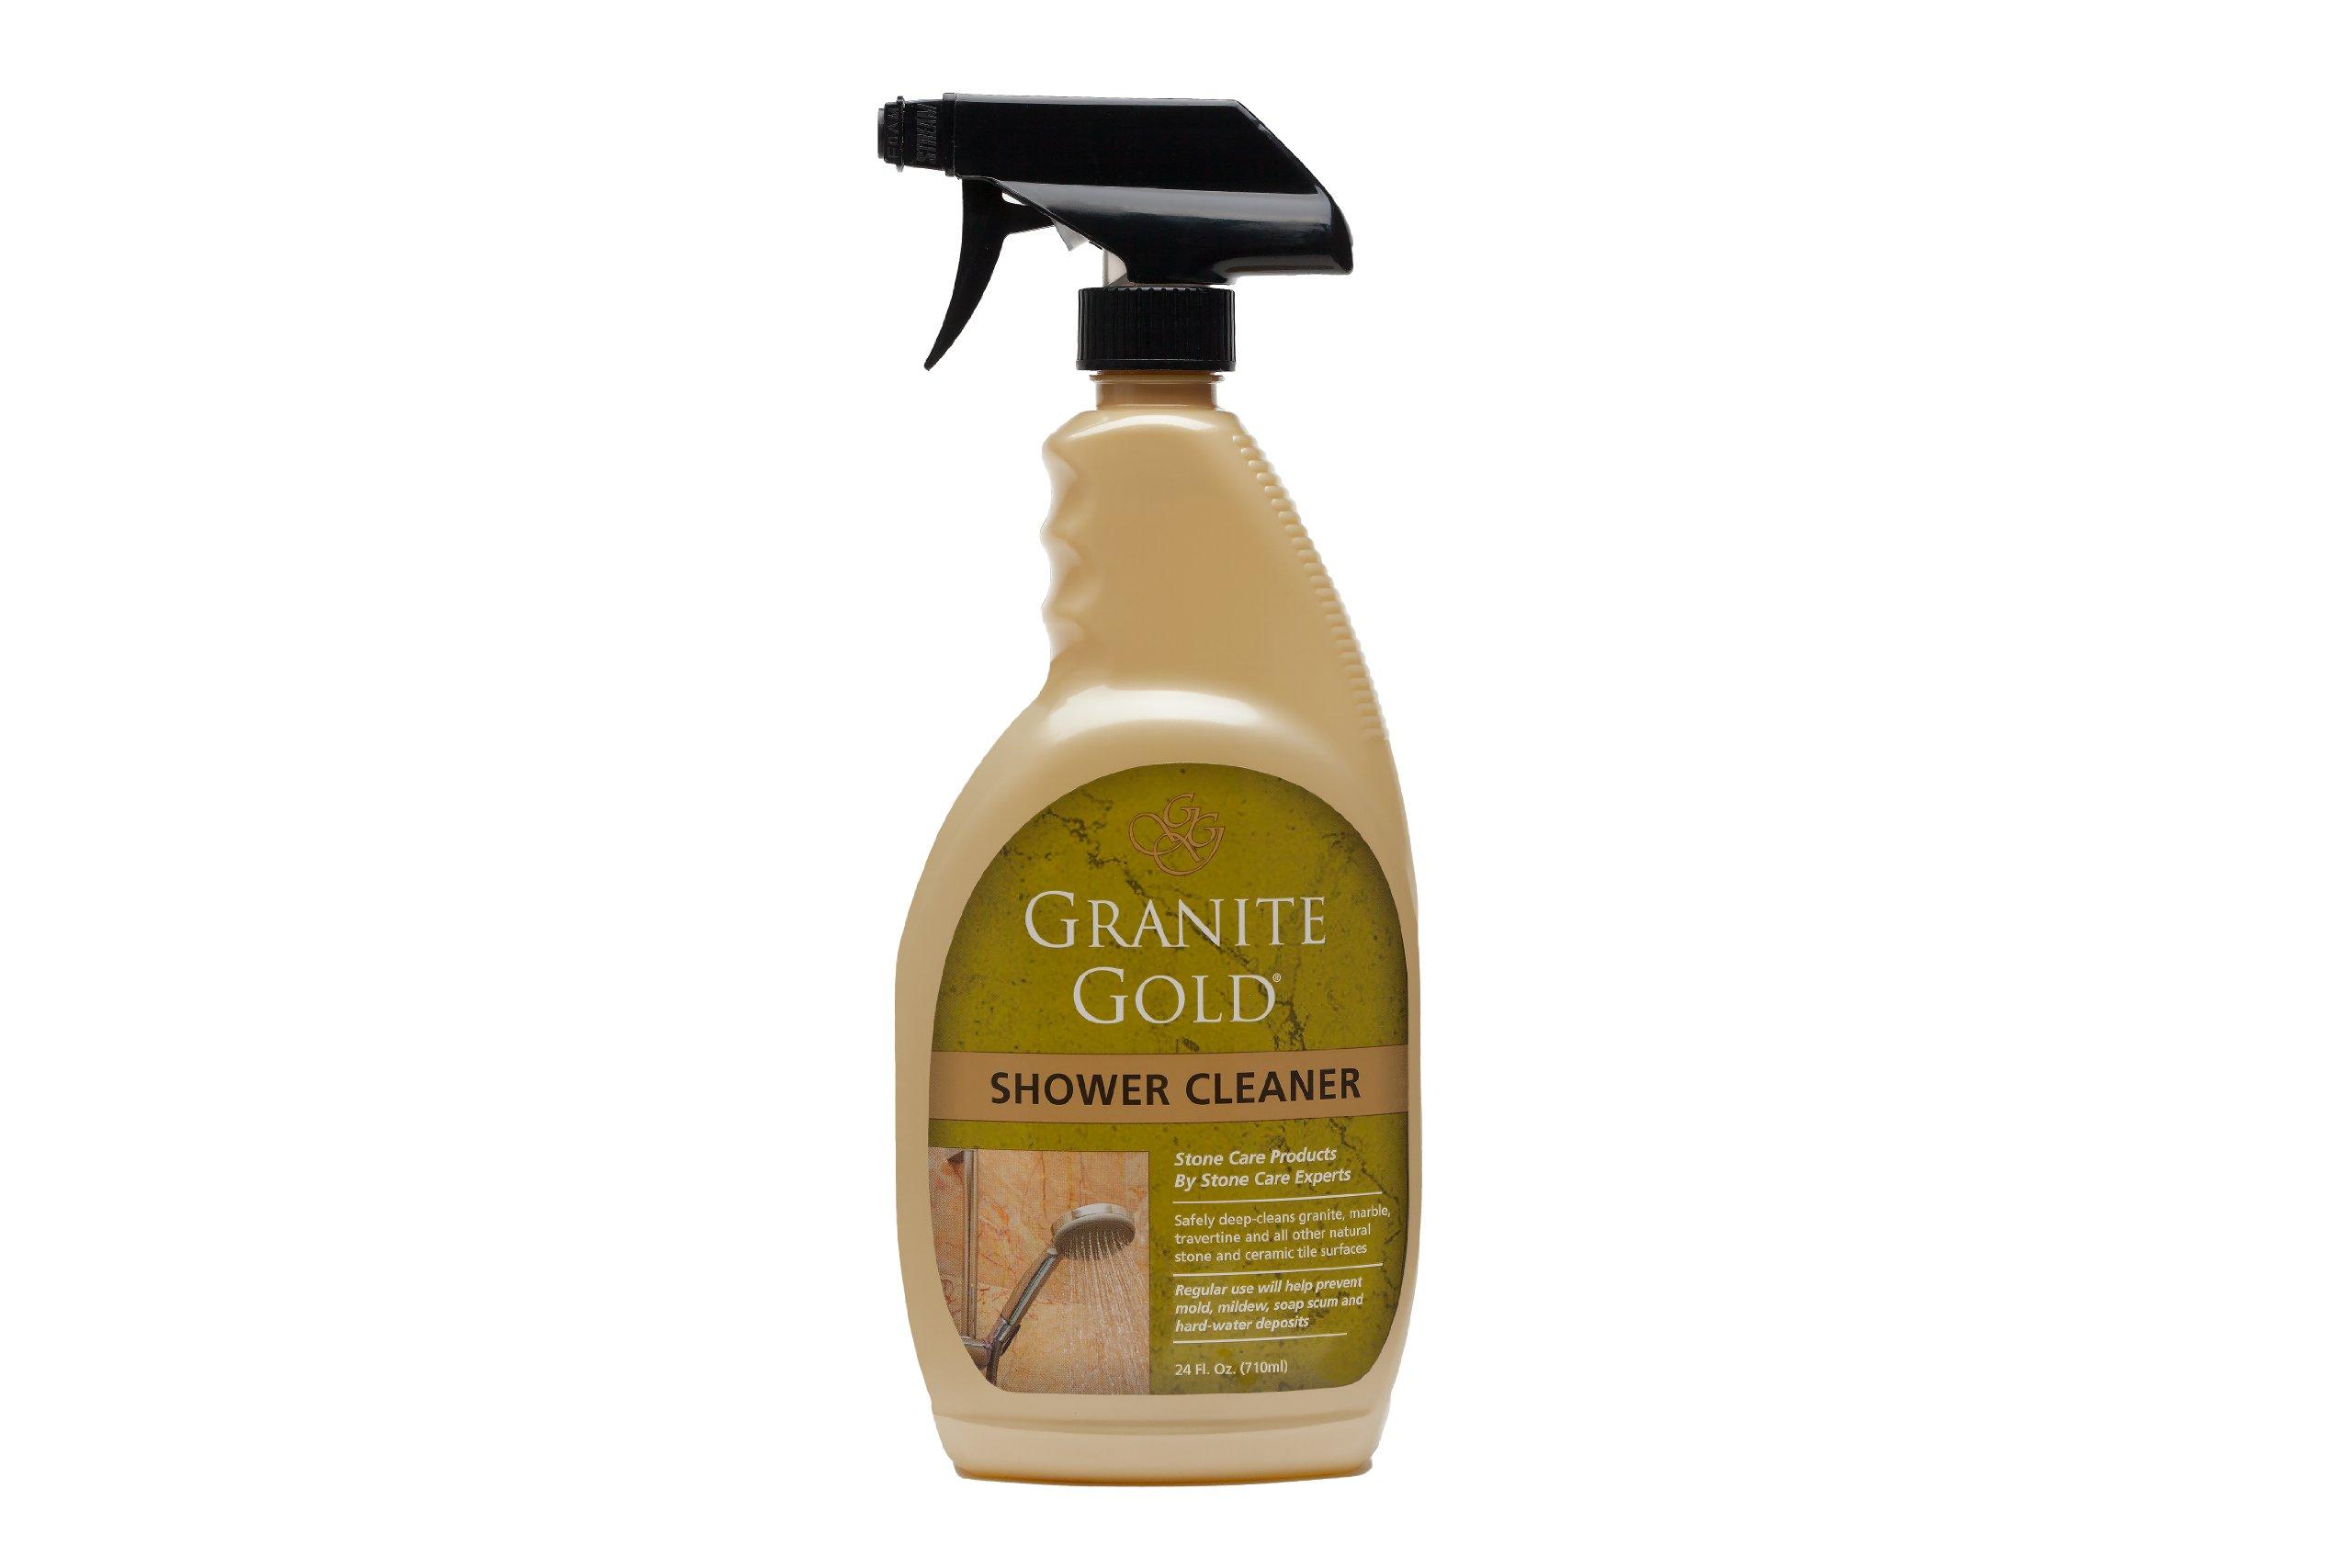 Granite Gold Shower Cleaner 1 8